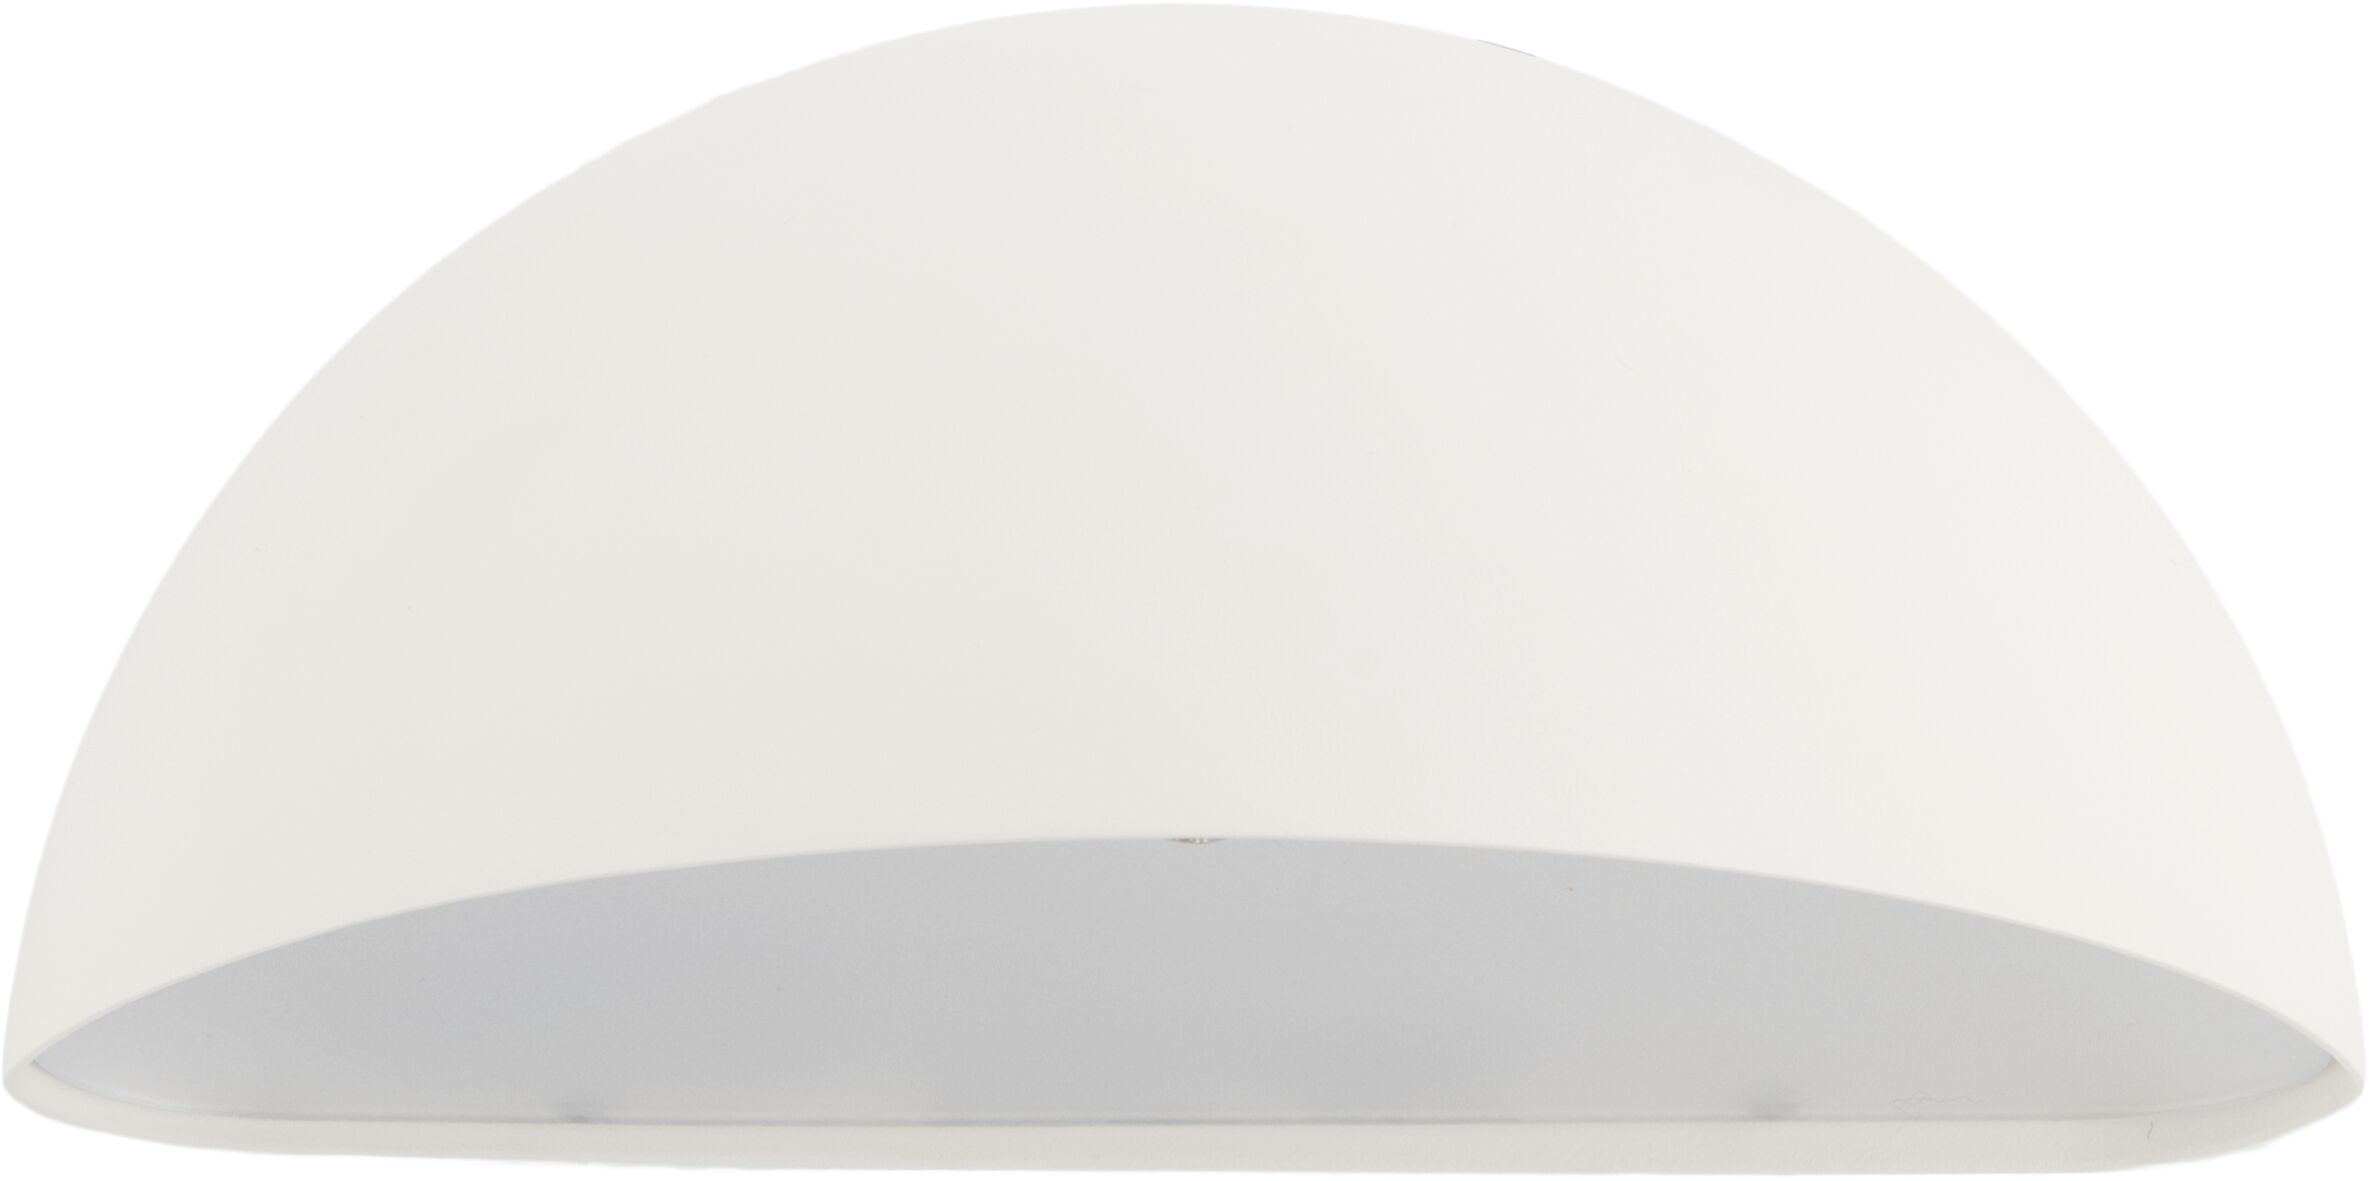 Kinkiet PARIS 5039 WHITE LED - Norlys  Sprawdź kupony i rabaty w koszyku  Zamów tel  533-810-034